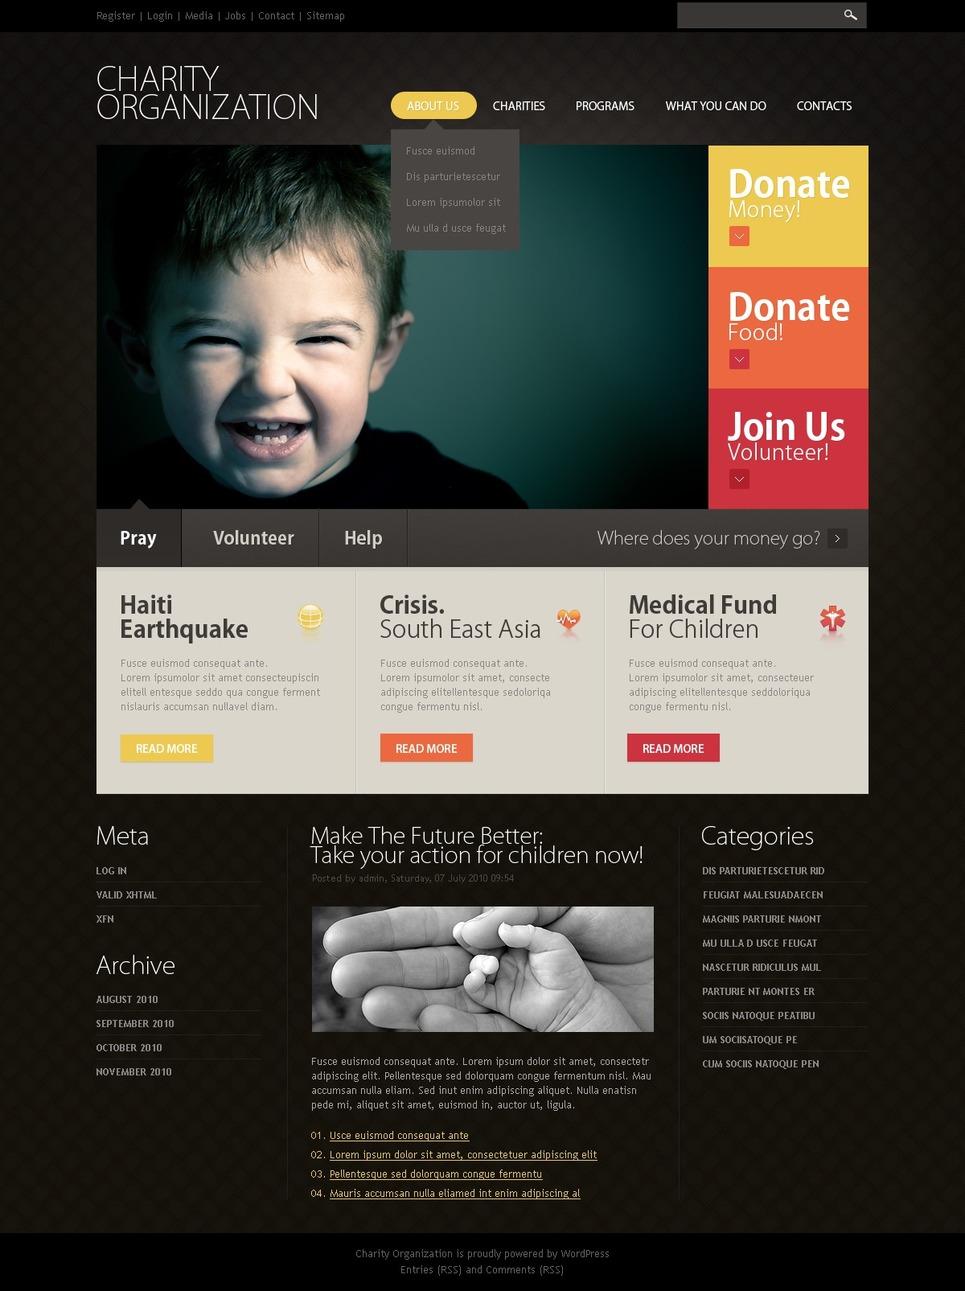 Charity organization - Ultimate WordPress Charity Organization Theme